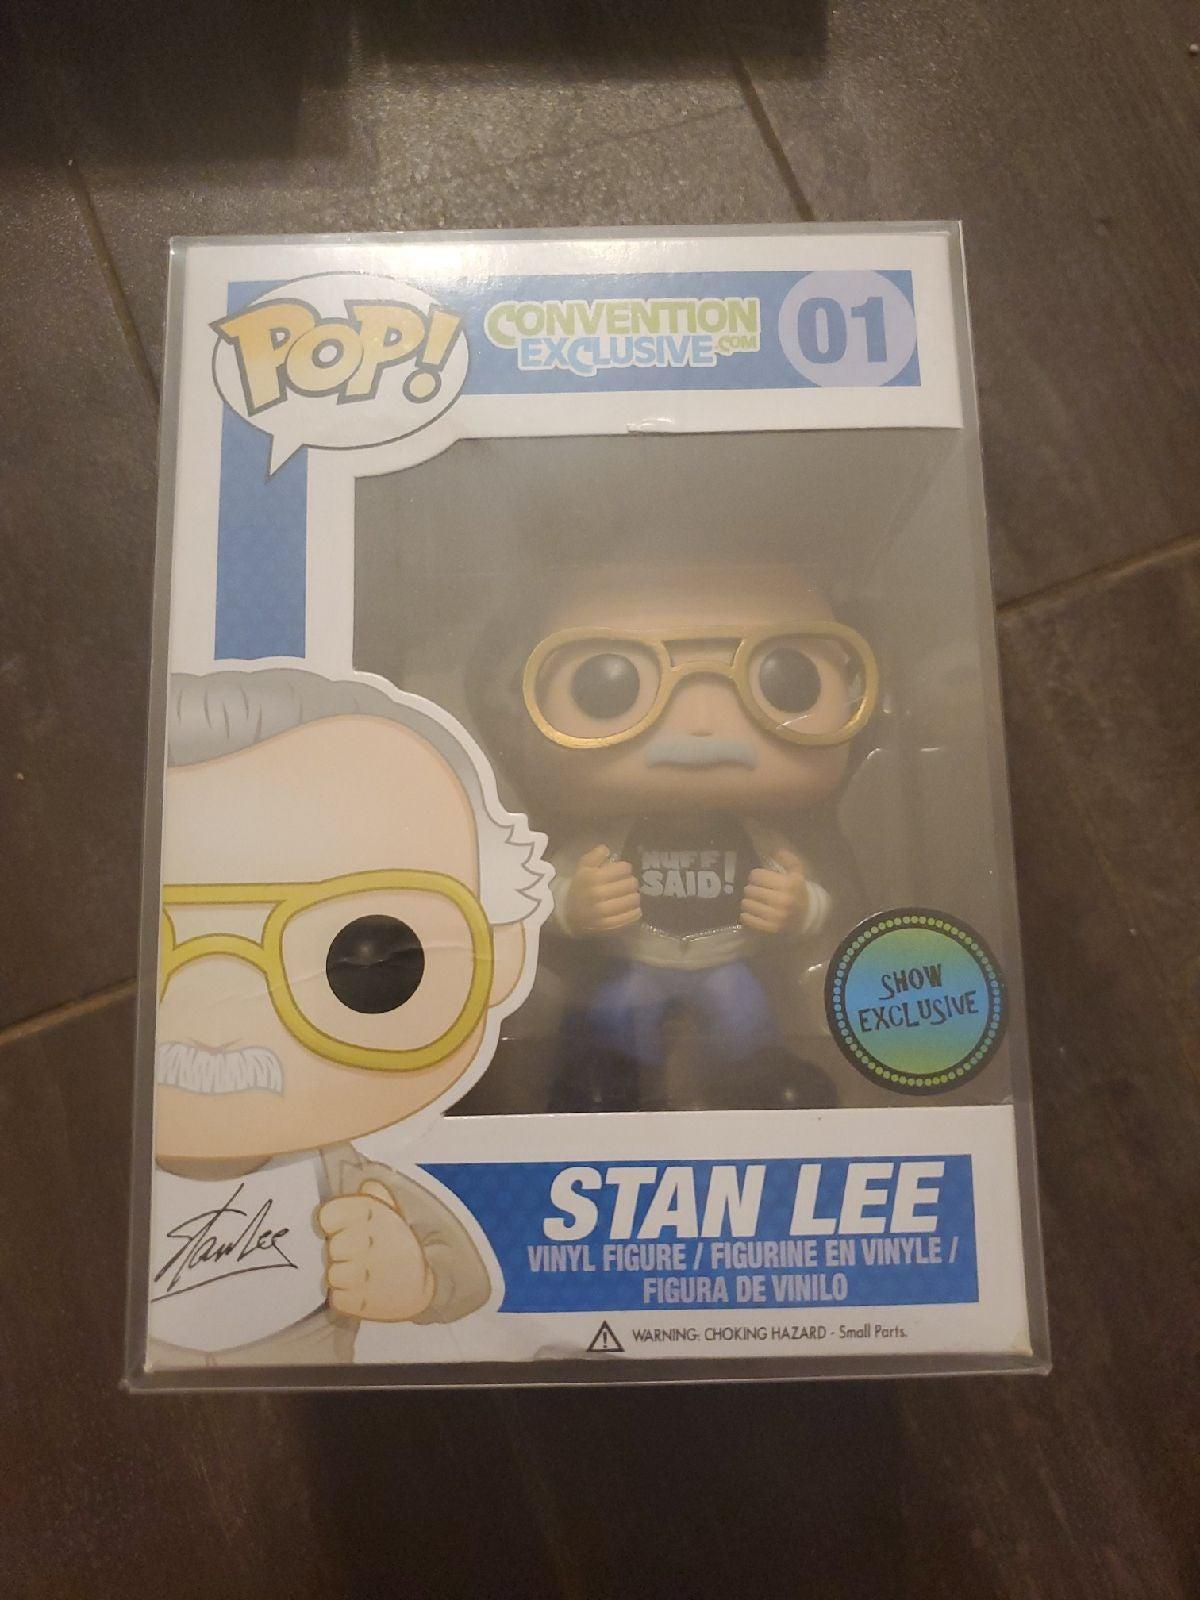 Stan Lee Show Exclusive